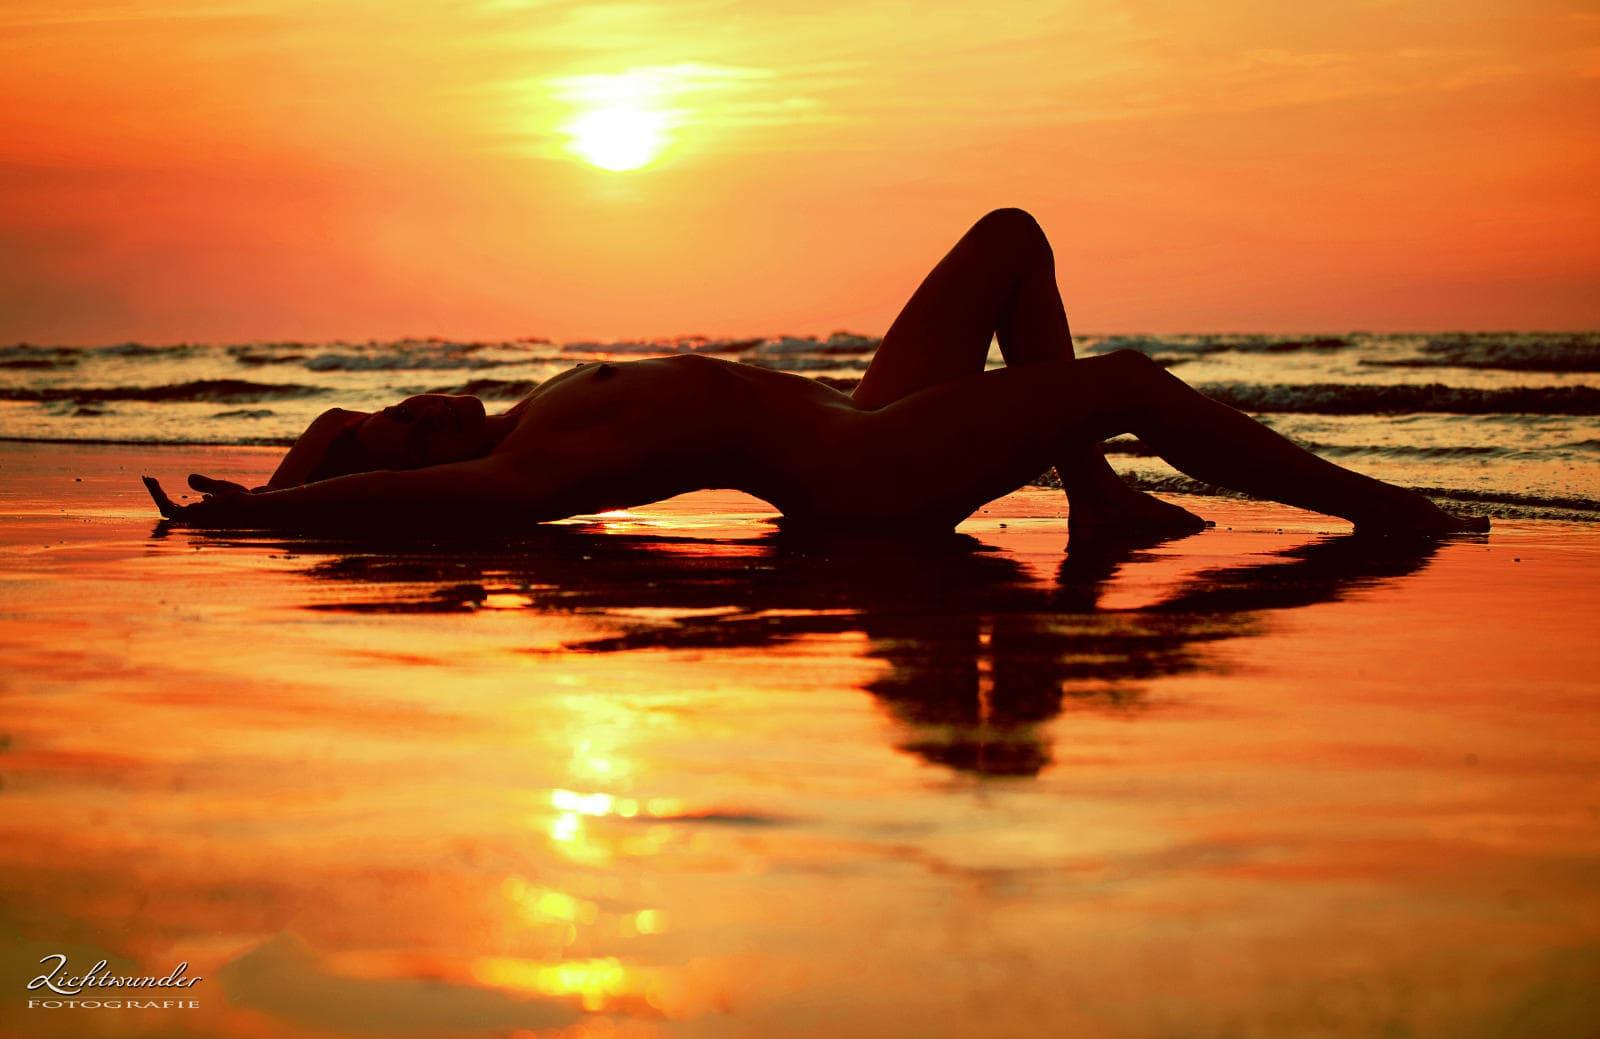 Akt Fotoshooting, Aktfoto outdoor bei Sonnenuntergang am Meer, Lichtwunder Fotografie aus Bonn